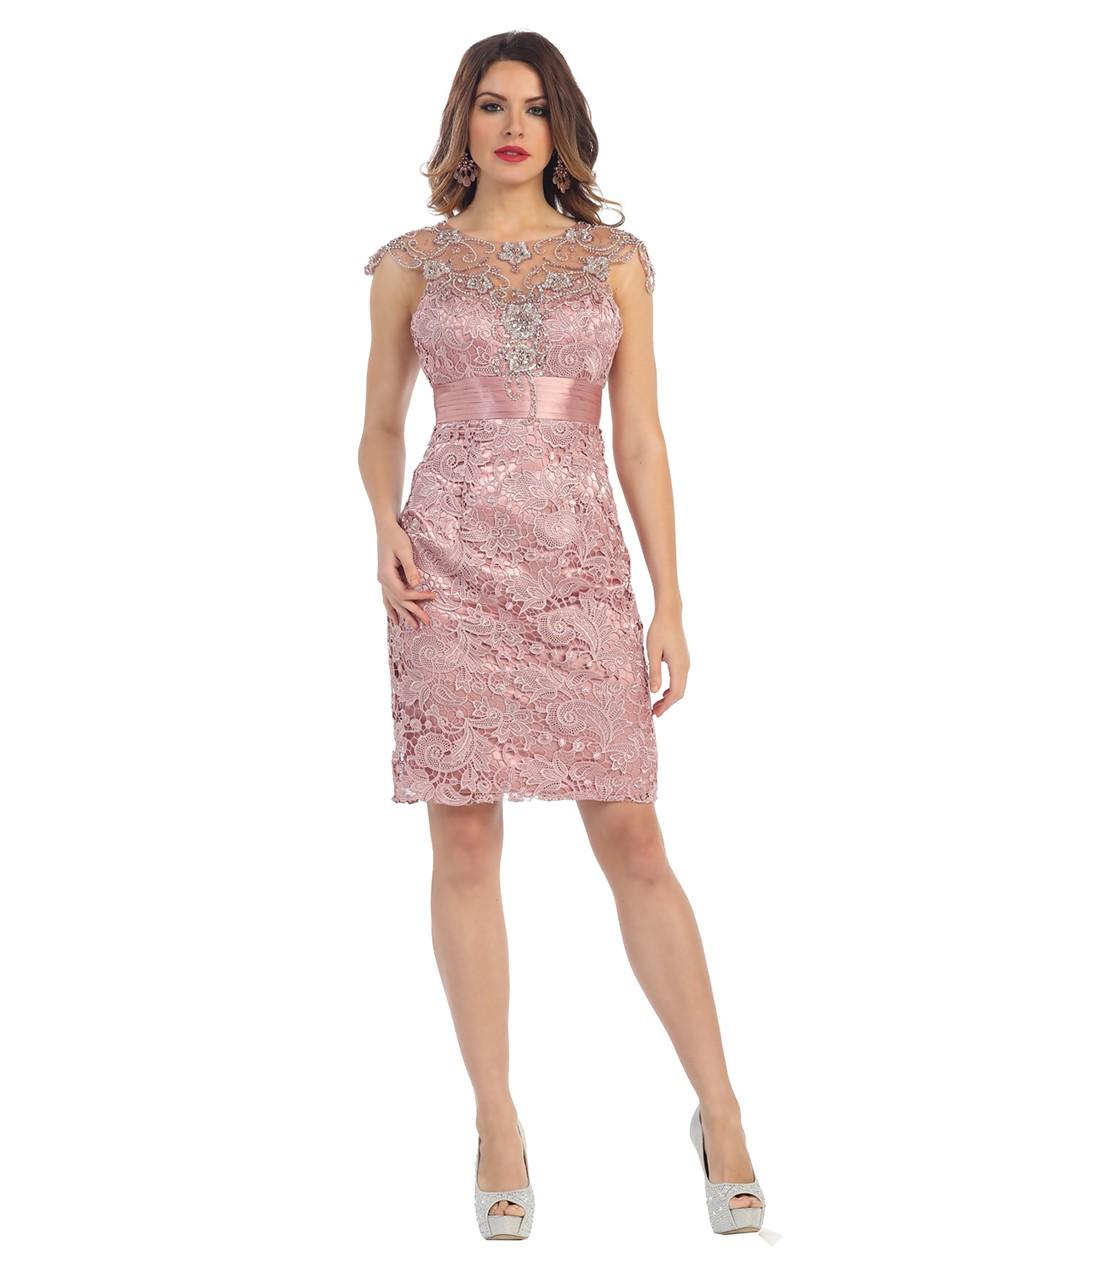 Vestidos para fiesta cortos pegados – Moda con estilo para todos los ...